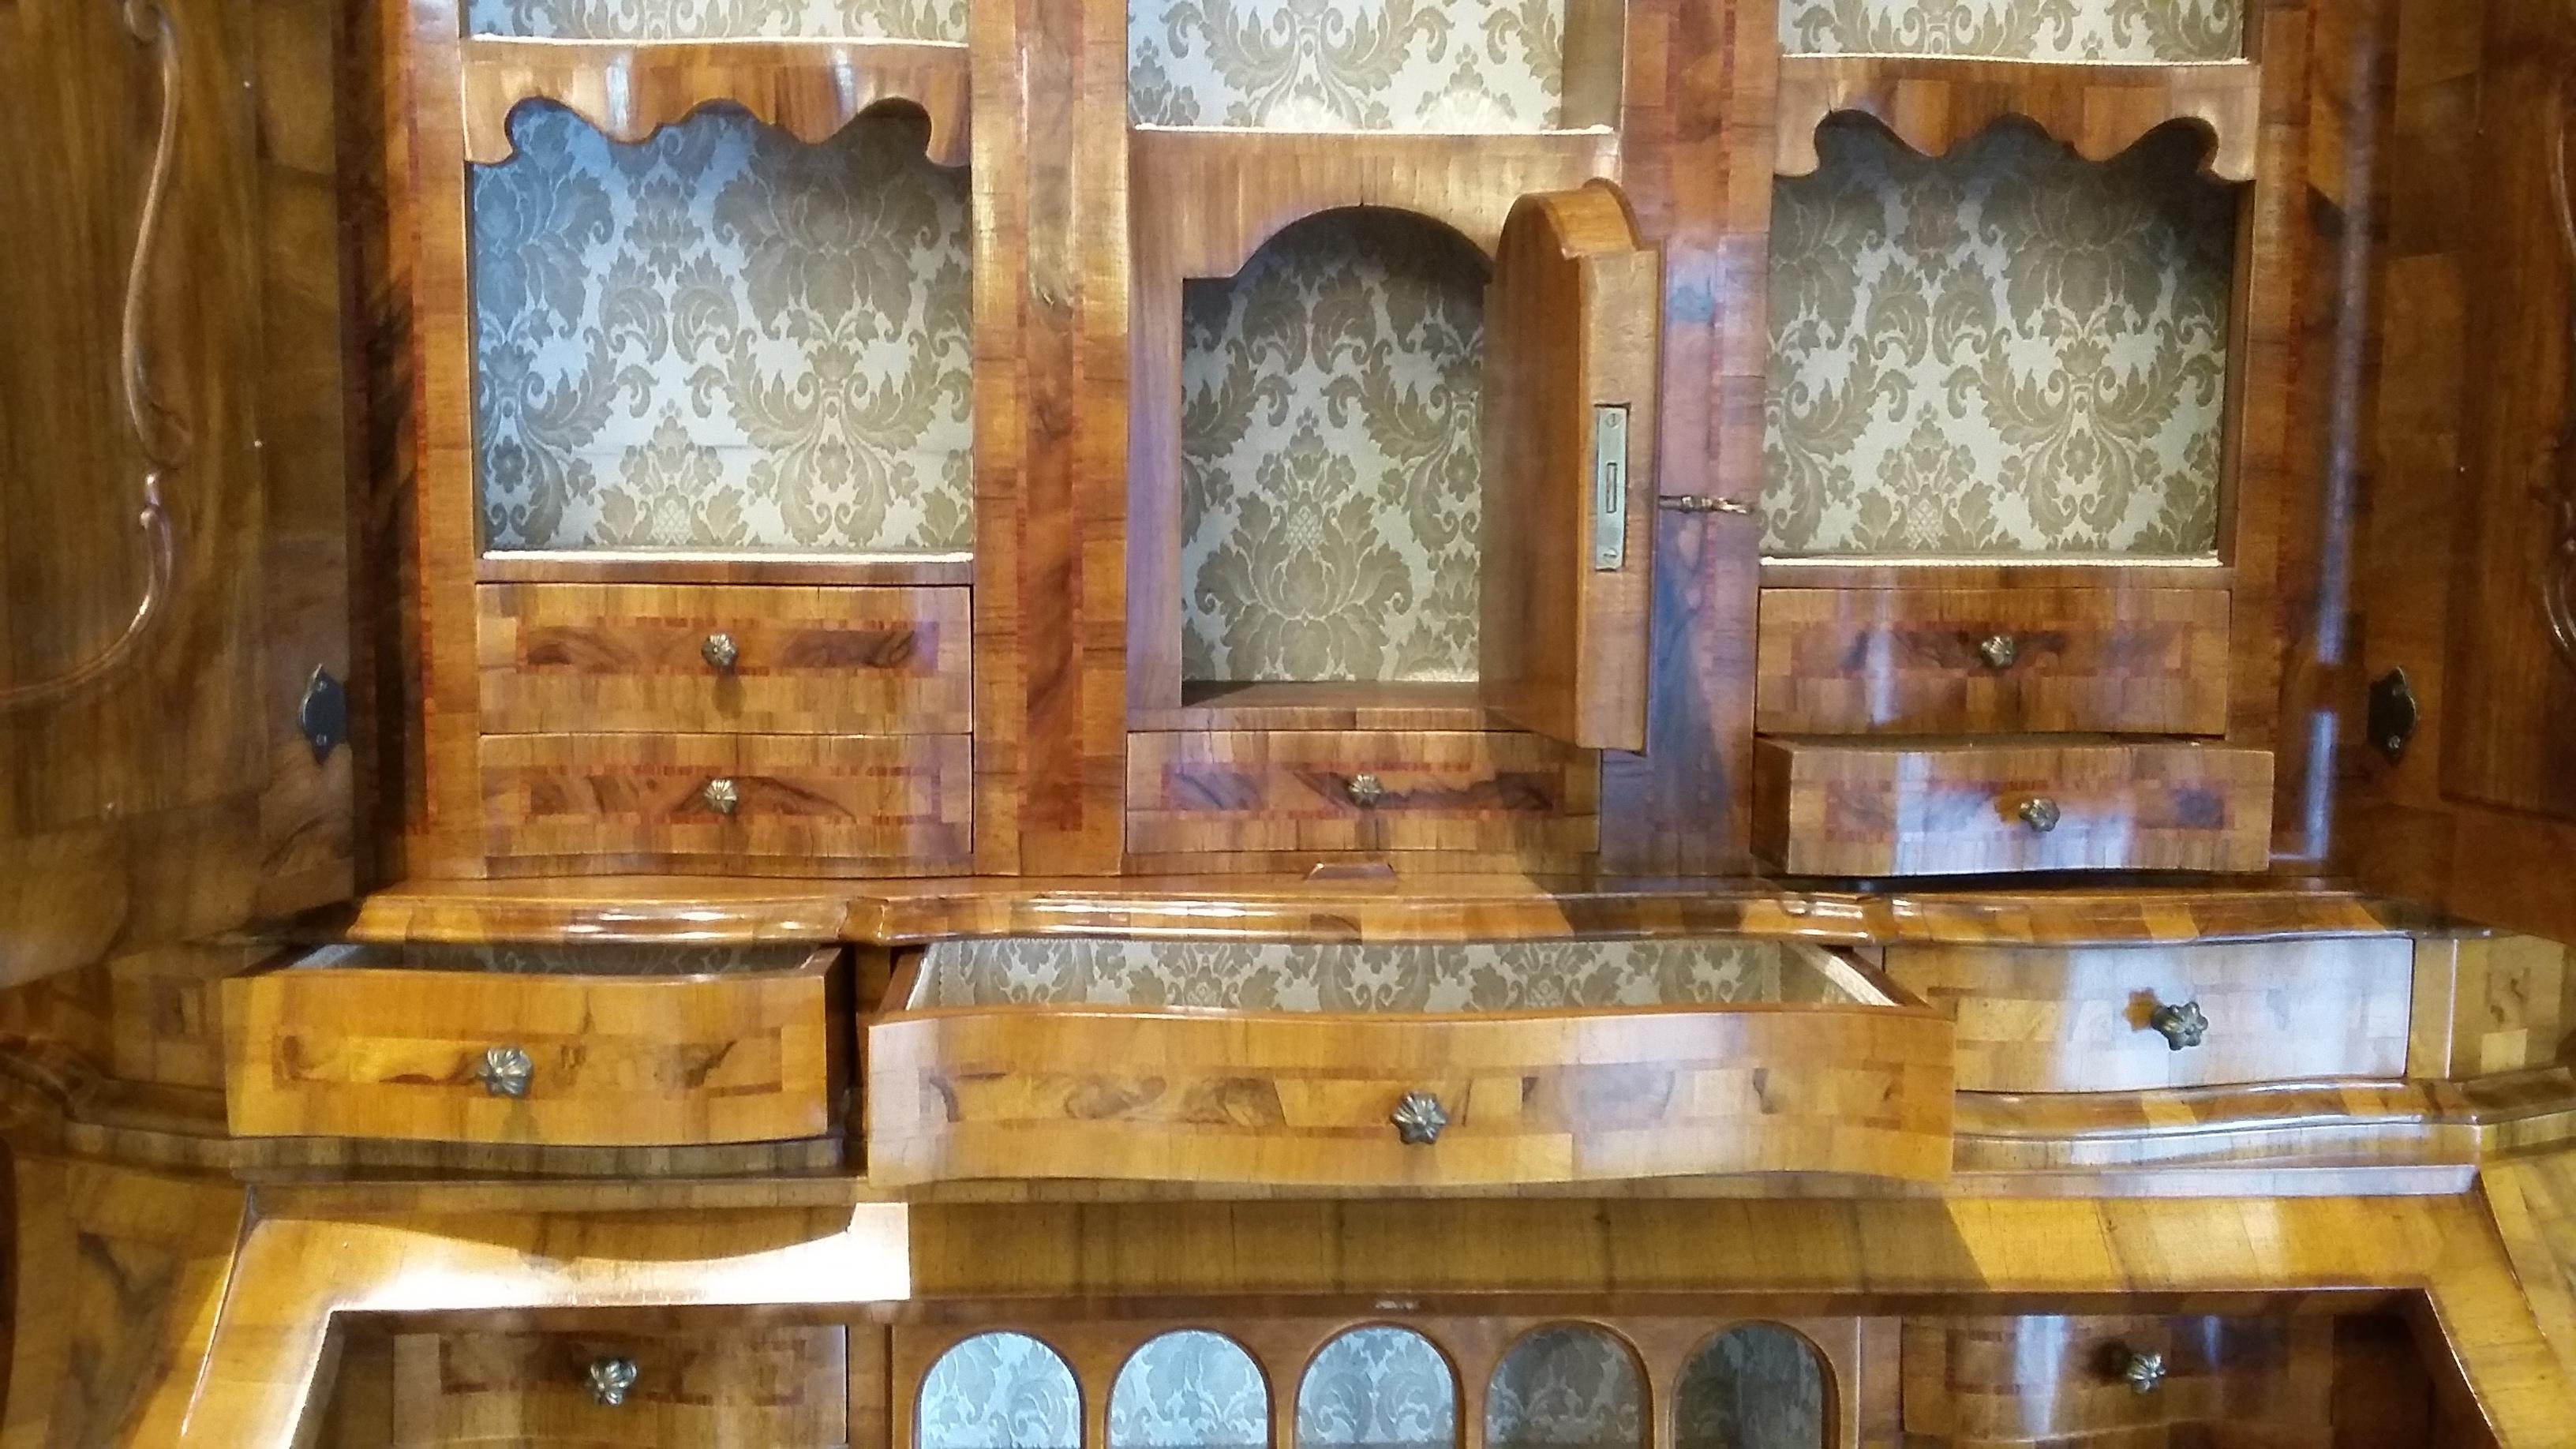 Trumeau in stile lombardo veneto artigianato veneto for Produttori mobili veneto